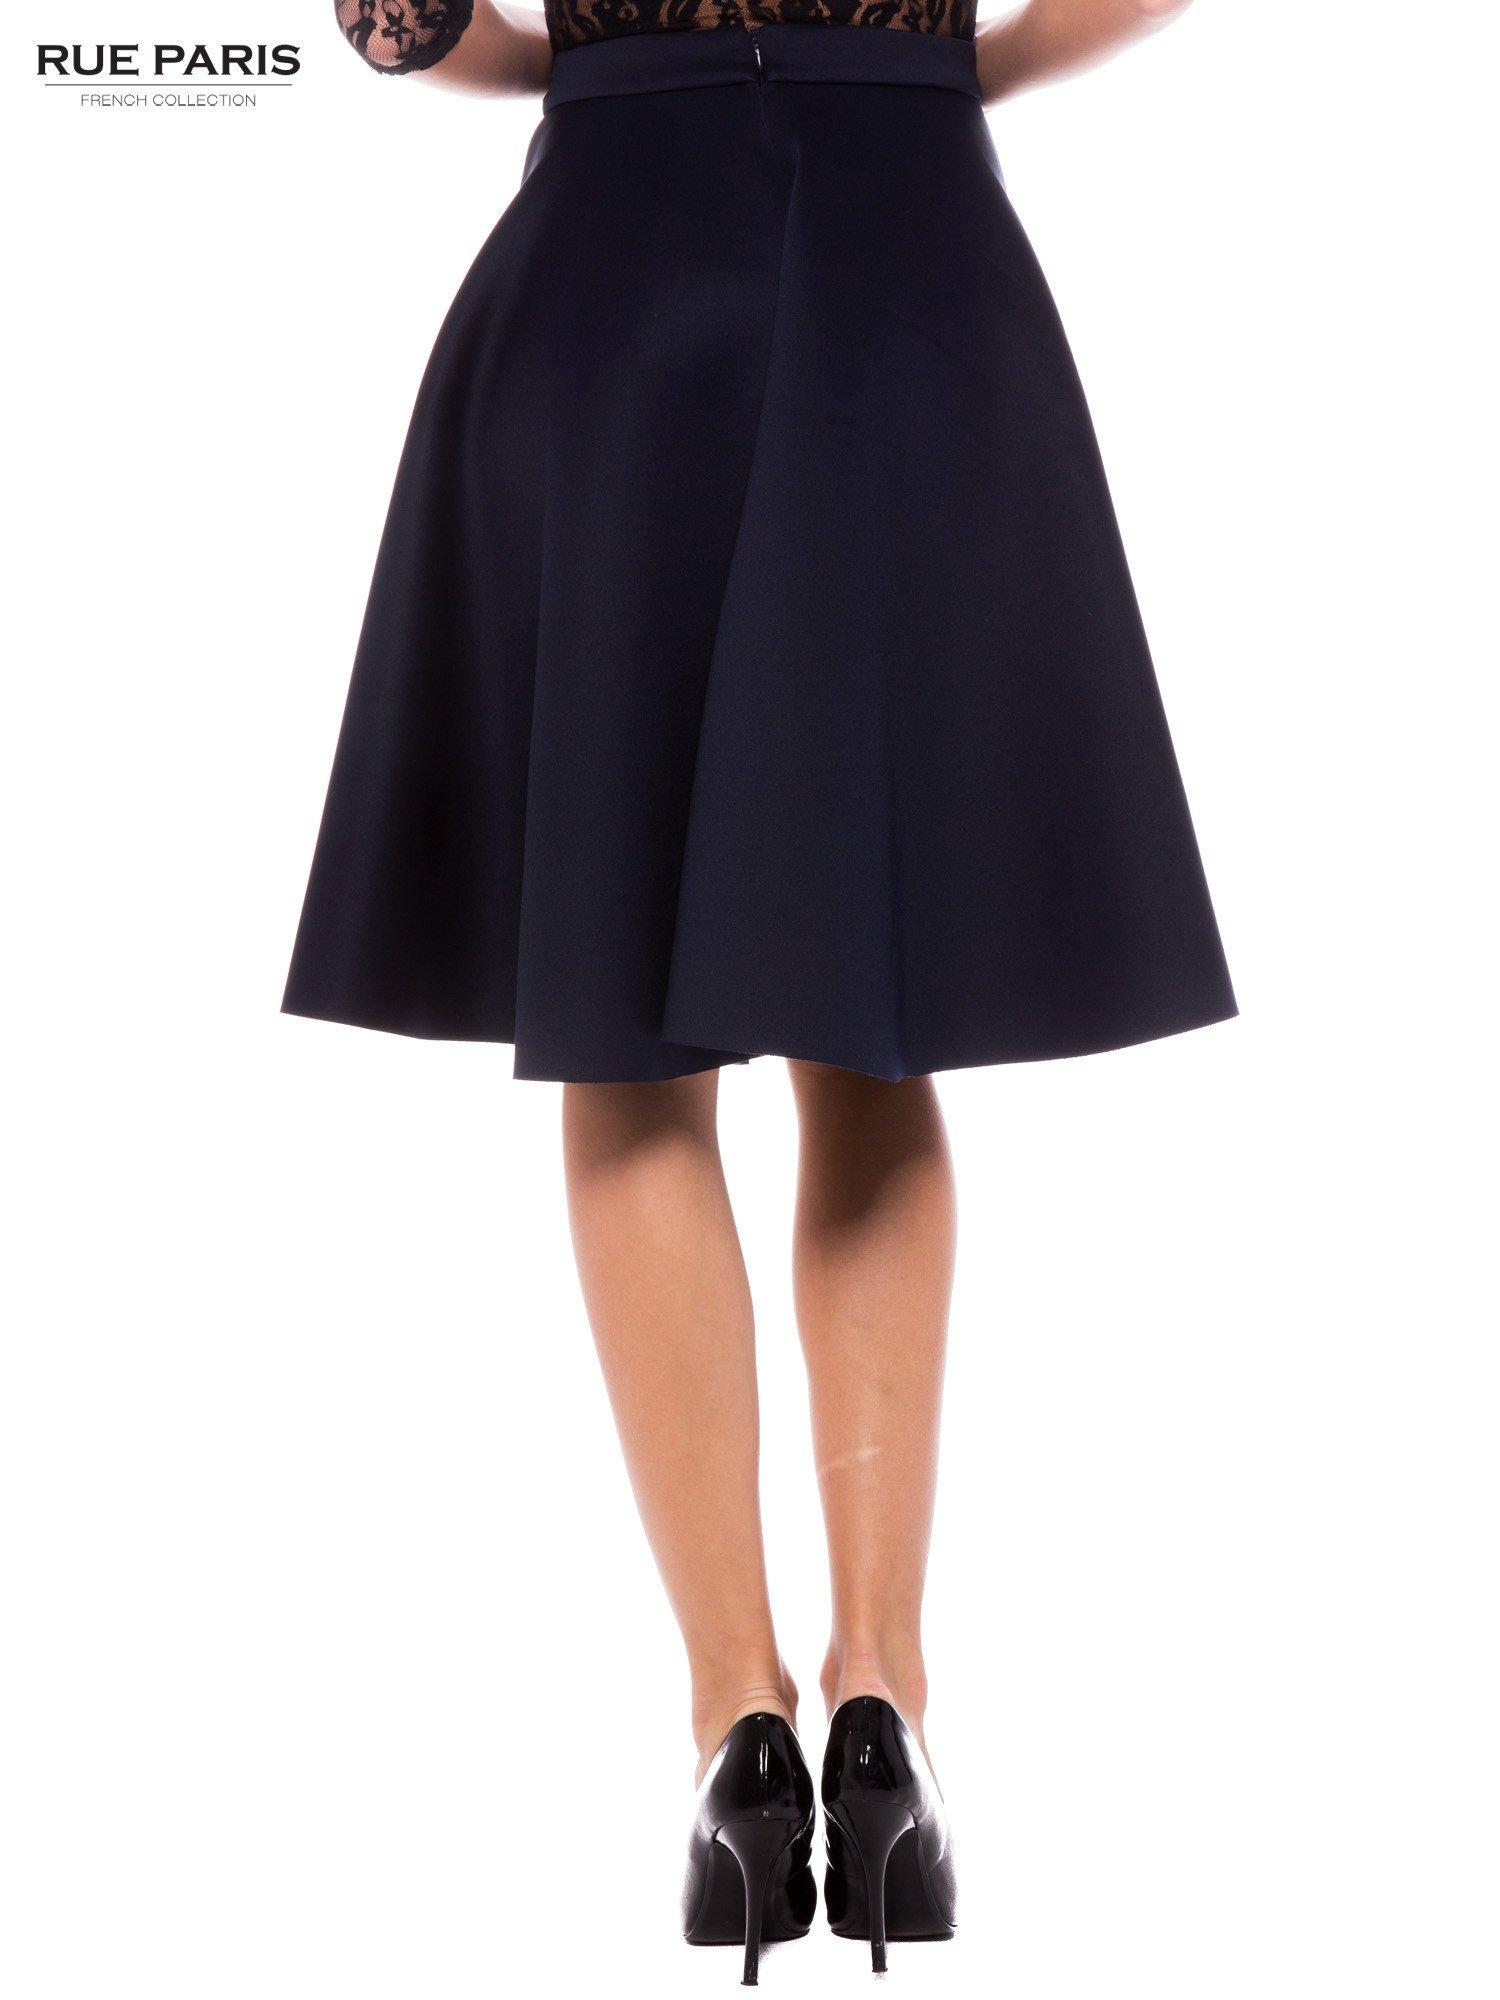 Granatowa neoprenowa spódnica midi szyta z koła                                  zdj.                                  4